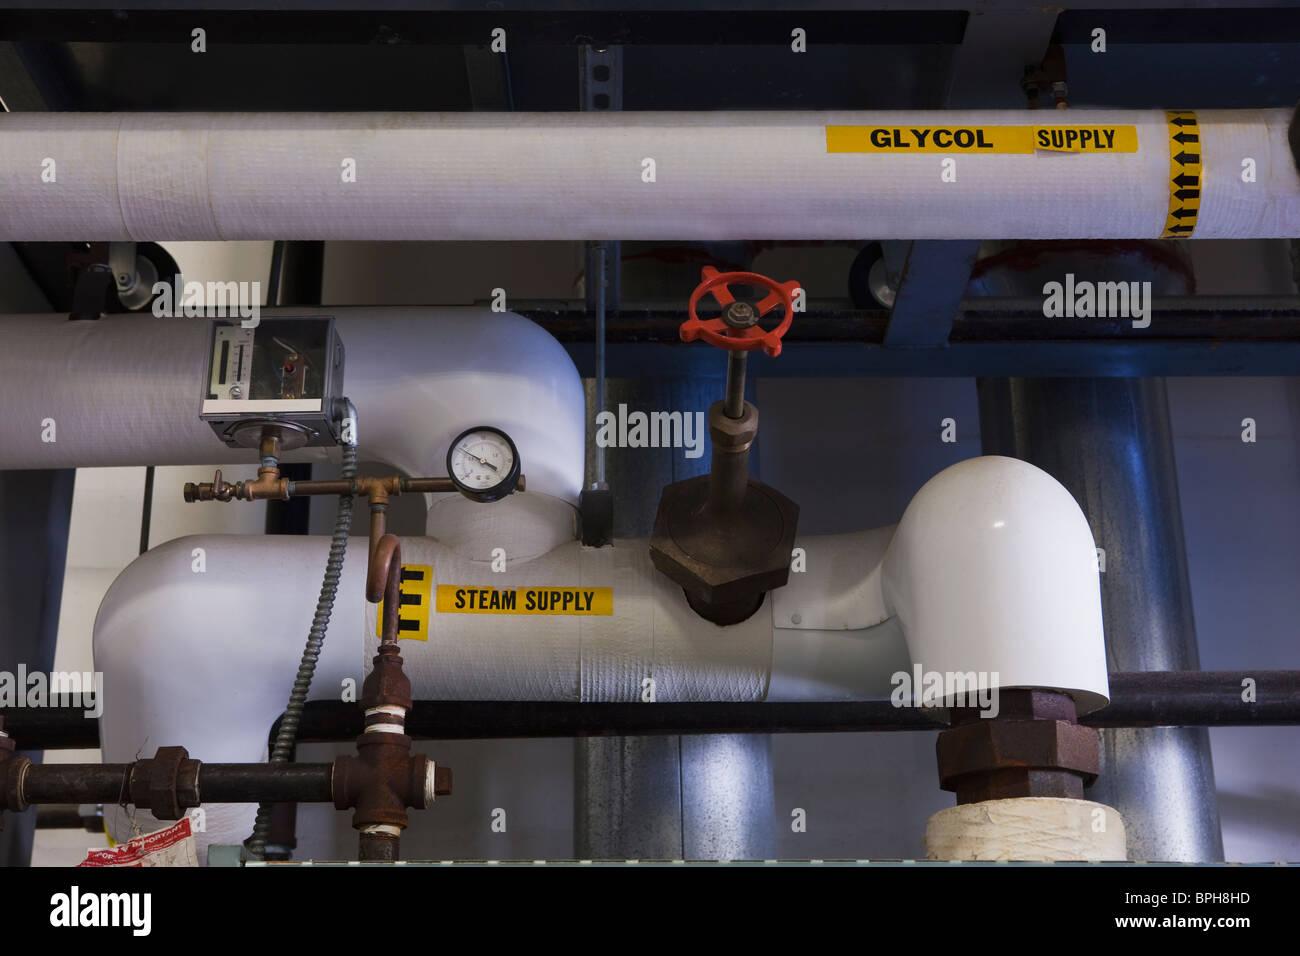 Glykol und Dampf liefern Rohrleitungen in einer Brauerei Stockbild